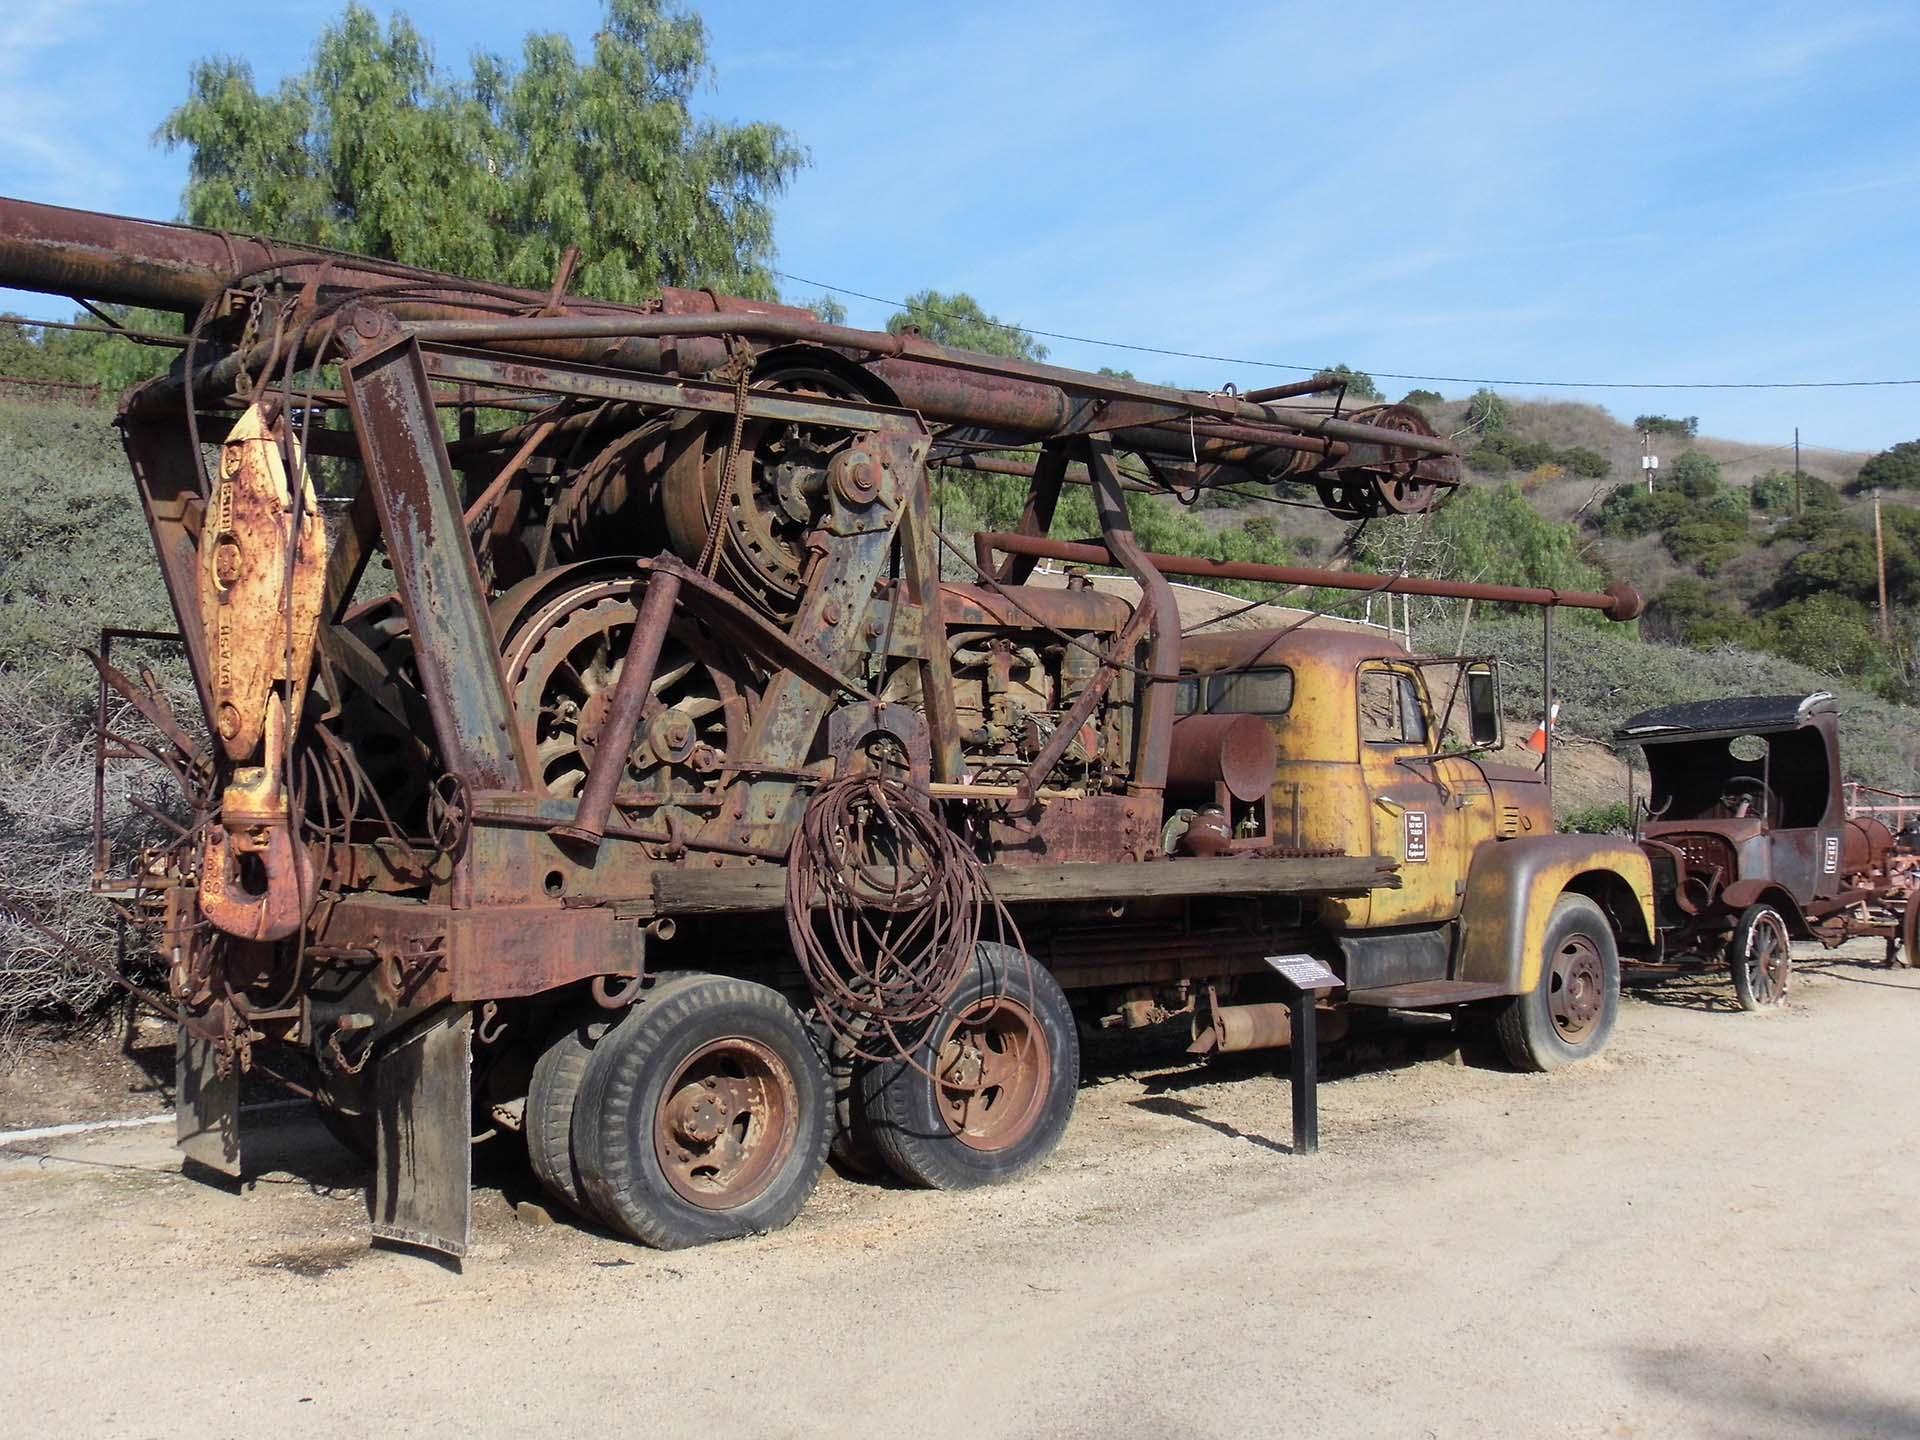 An old Ford Model T in the Olinda Oil Museum | Sandi Hemmerlein